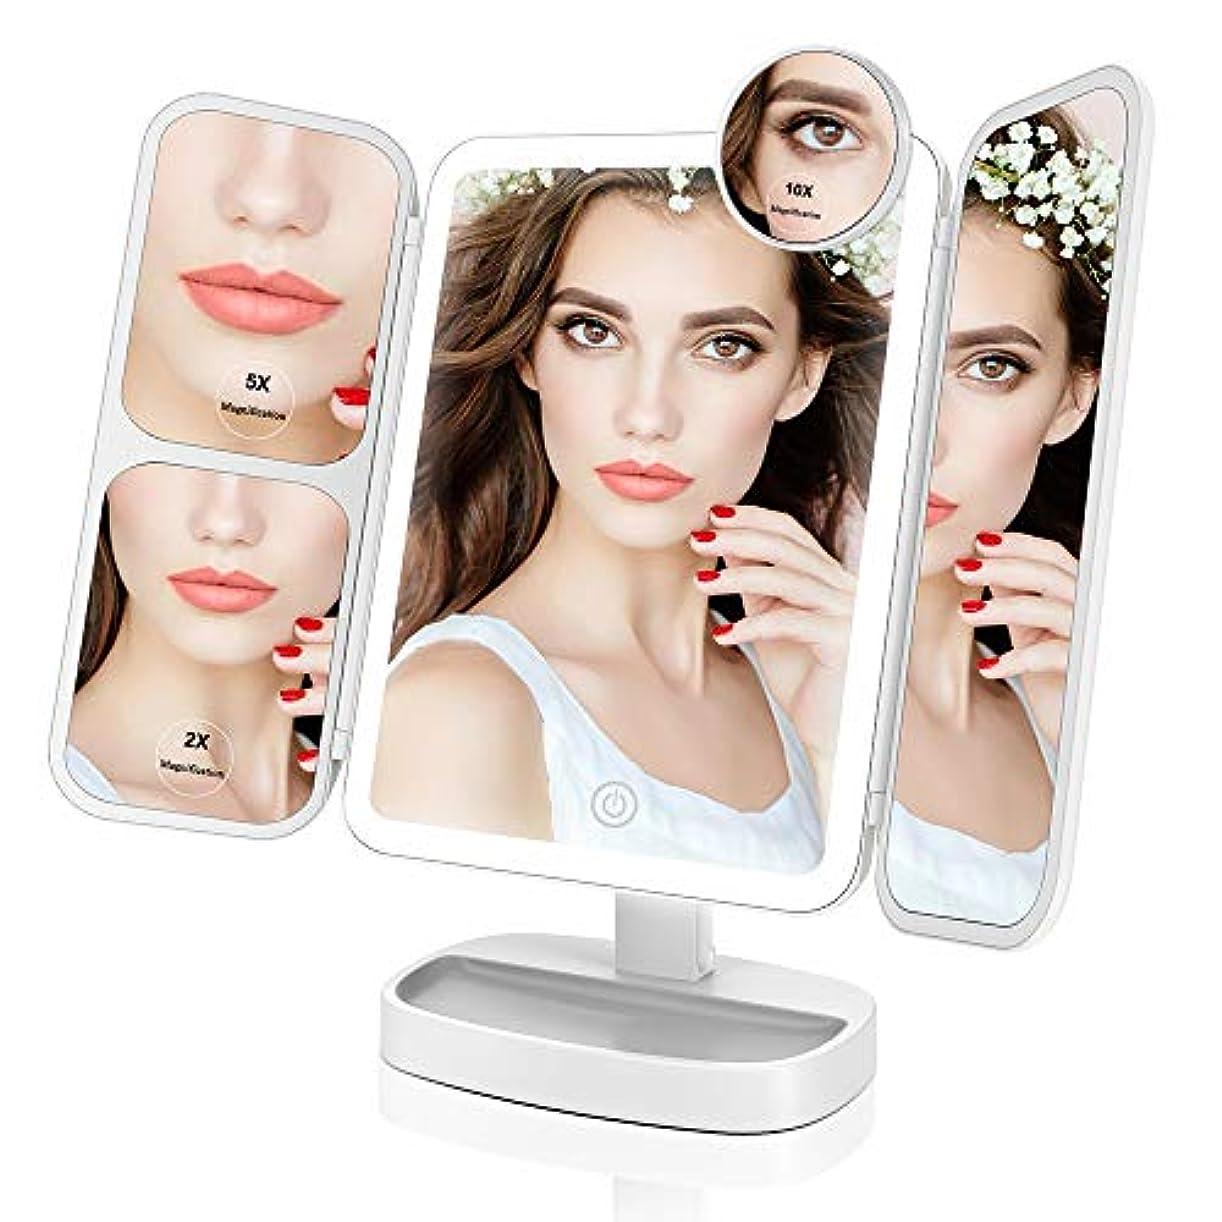 スクレーパーレーダー大混乱Easehold 化粧鏡 三面鏡 化粧ミラー 卓上ミラー 鏡 led付き 折りたたみ 2&5&10倍拡大鏡付き 明るさ調節可能 180°回転 プレゼント(ホワイト)